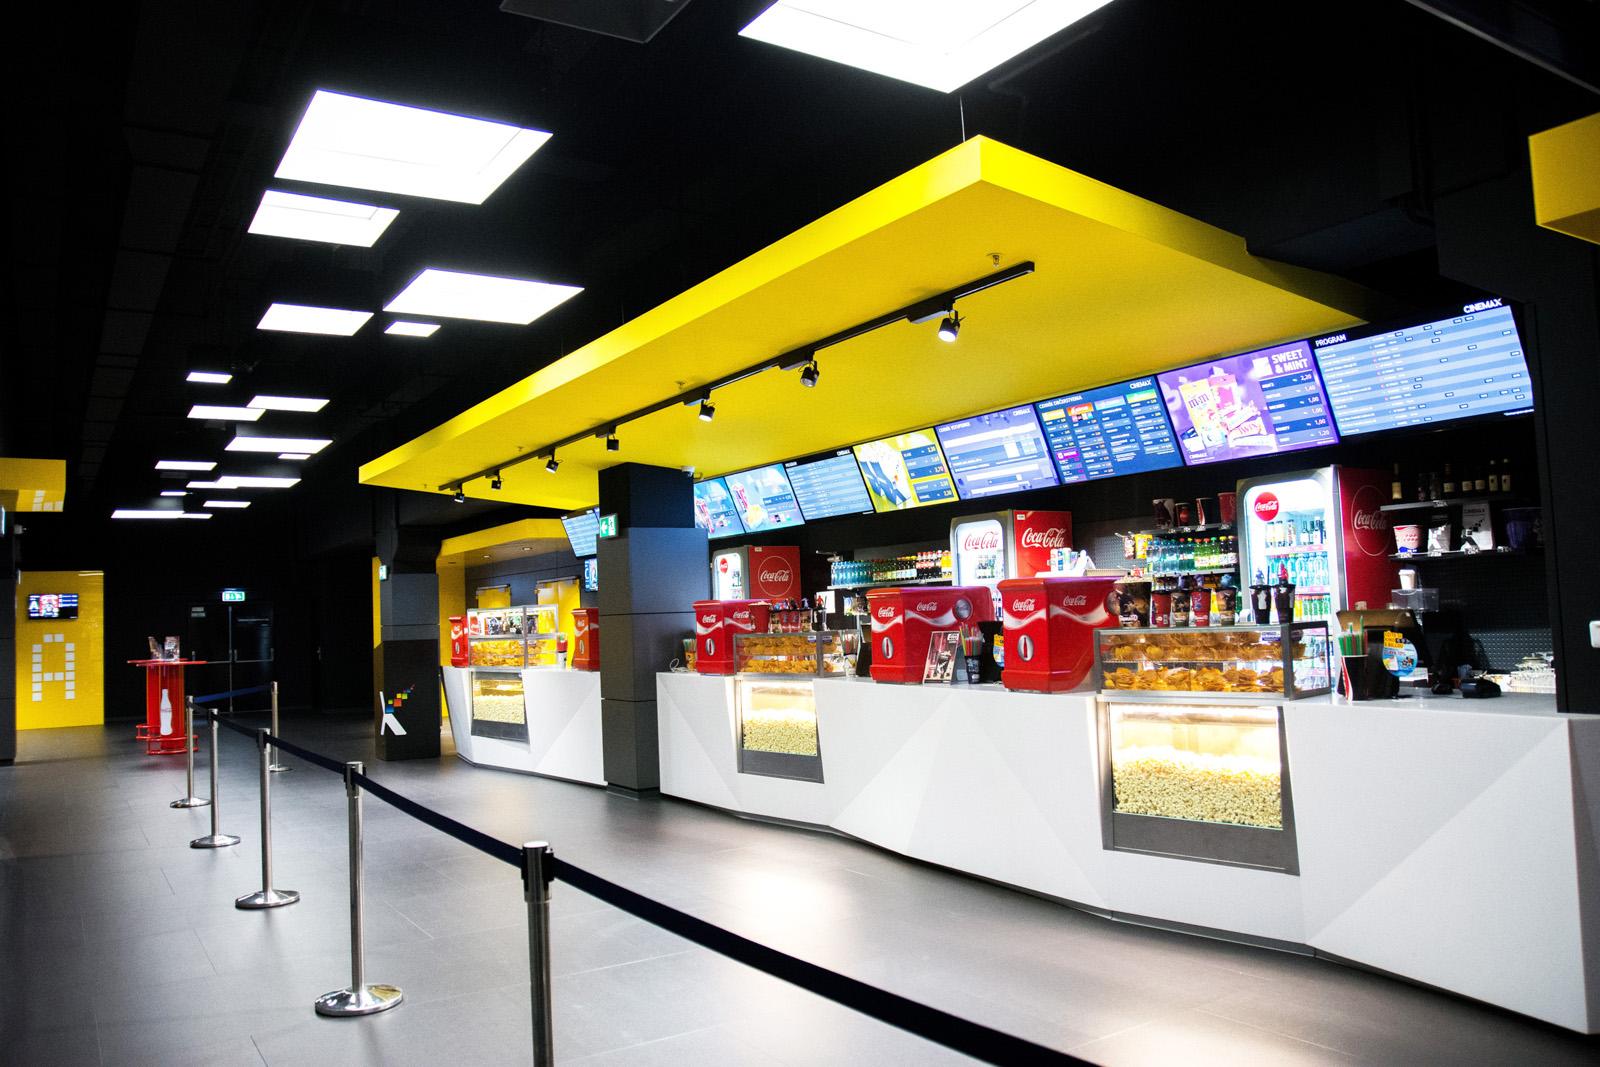 62a9906ee Nové priestory a VIP sála Cinemax v Žiline | Silvia Turcerová